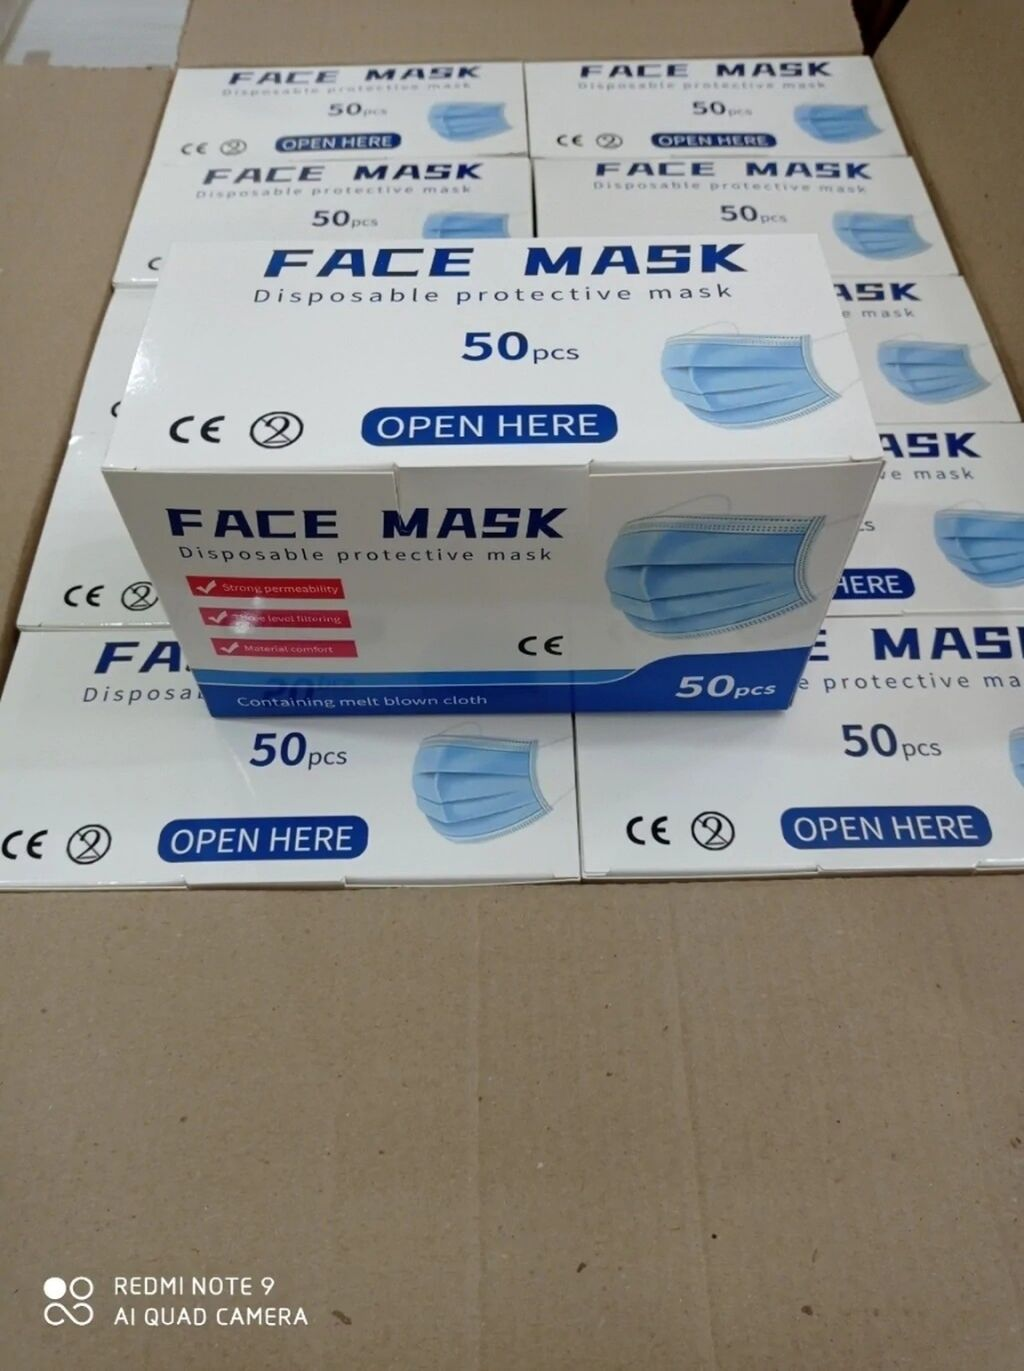 Одноразовая маска, трёхслойная гипоаллергенноя с фиксатором на перенос по цене: 4 KGS: Одноразовая маска, трёхслойная гипоаллергенноя с фиксатором на перенос